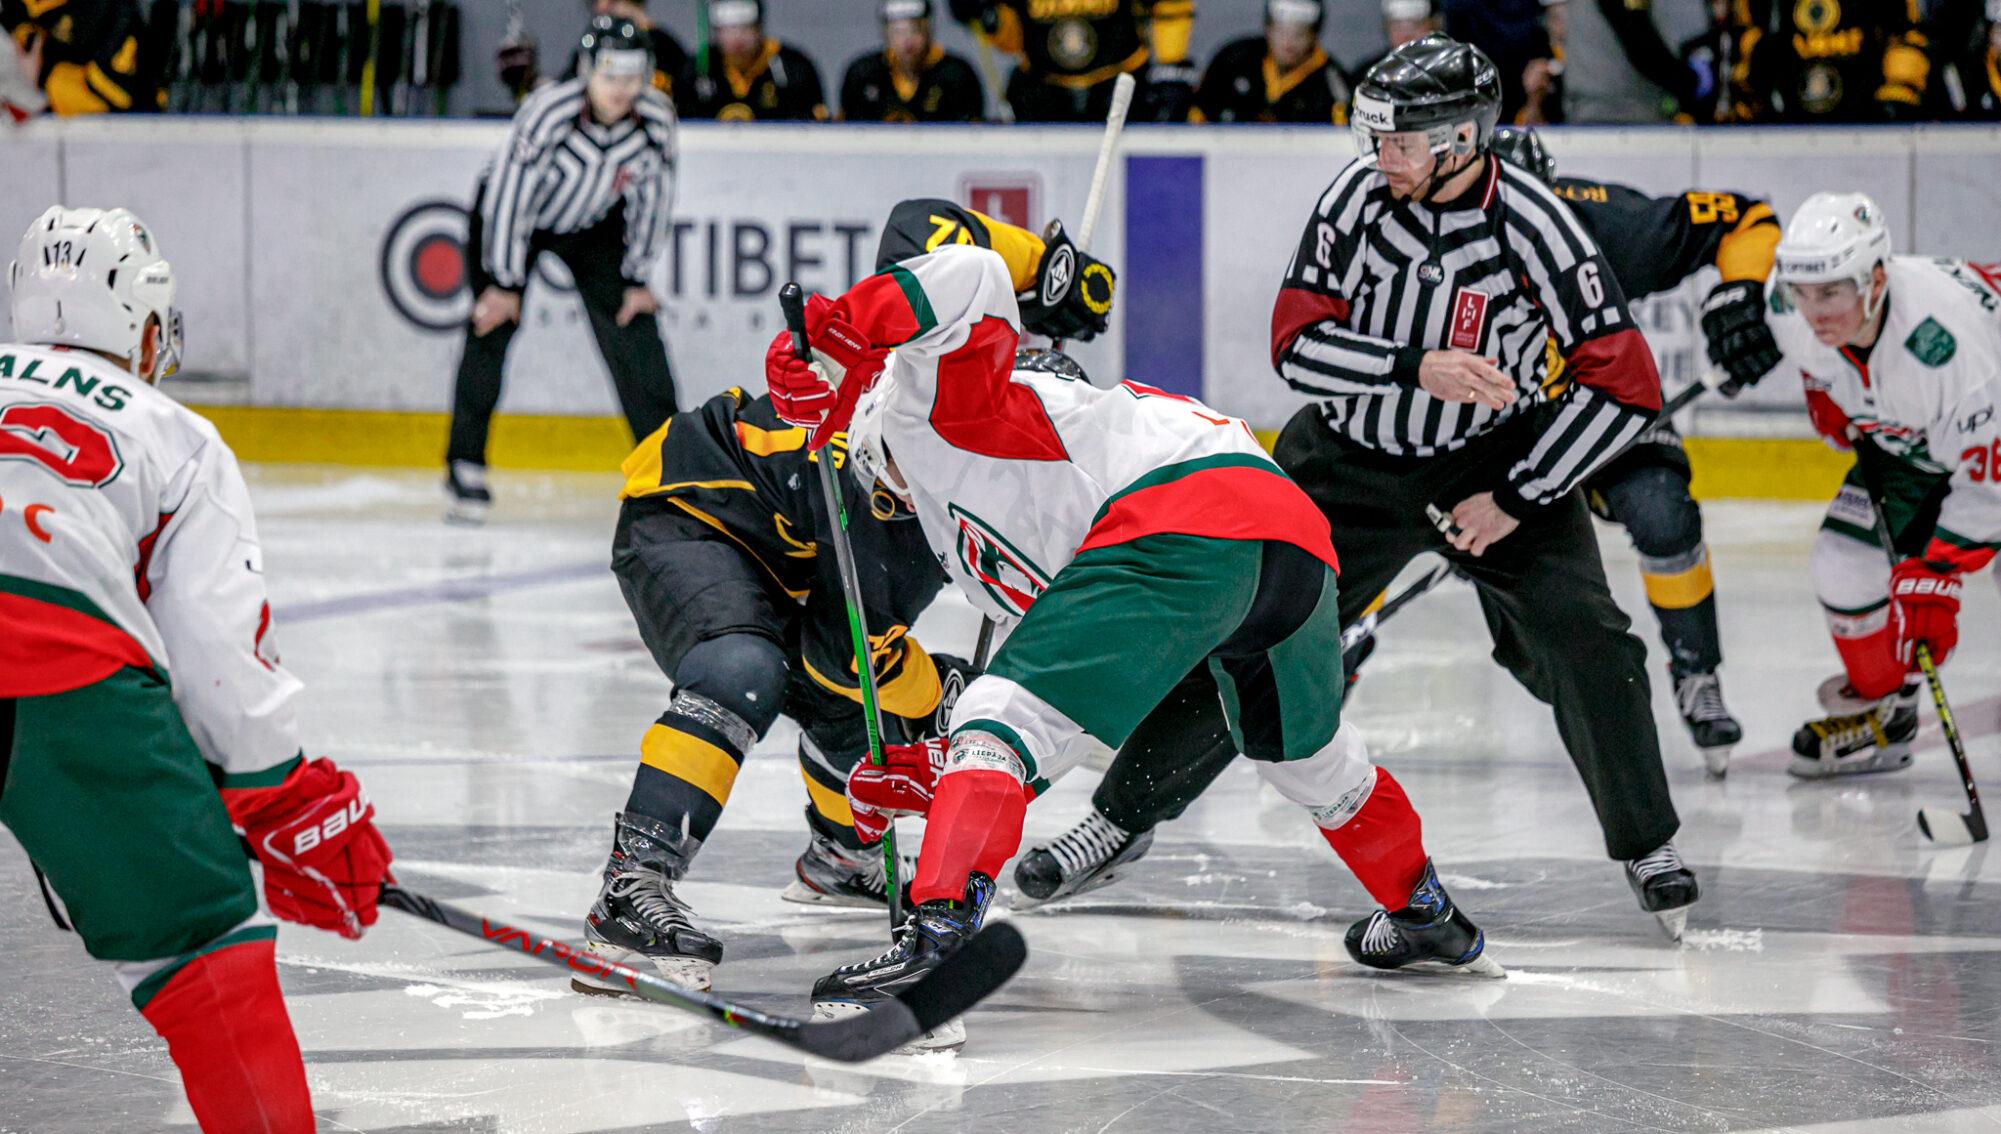 Pirmā Optibet Hokeja Līgas spēle pusfinālā 2021